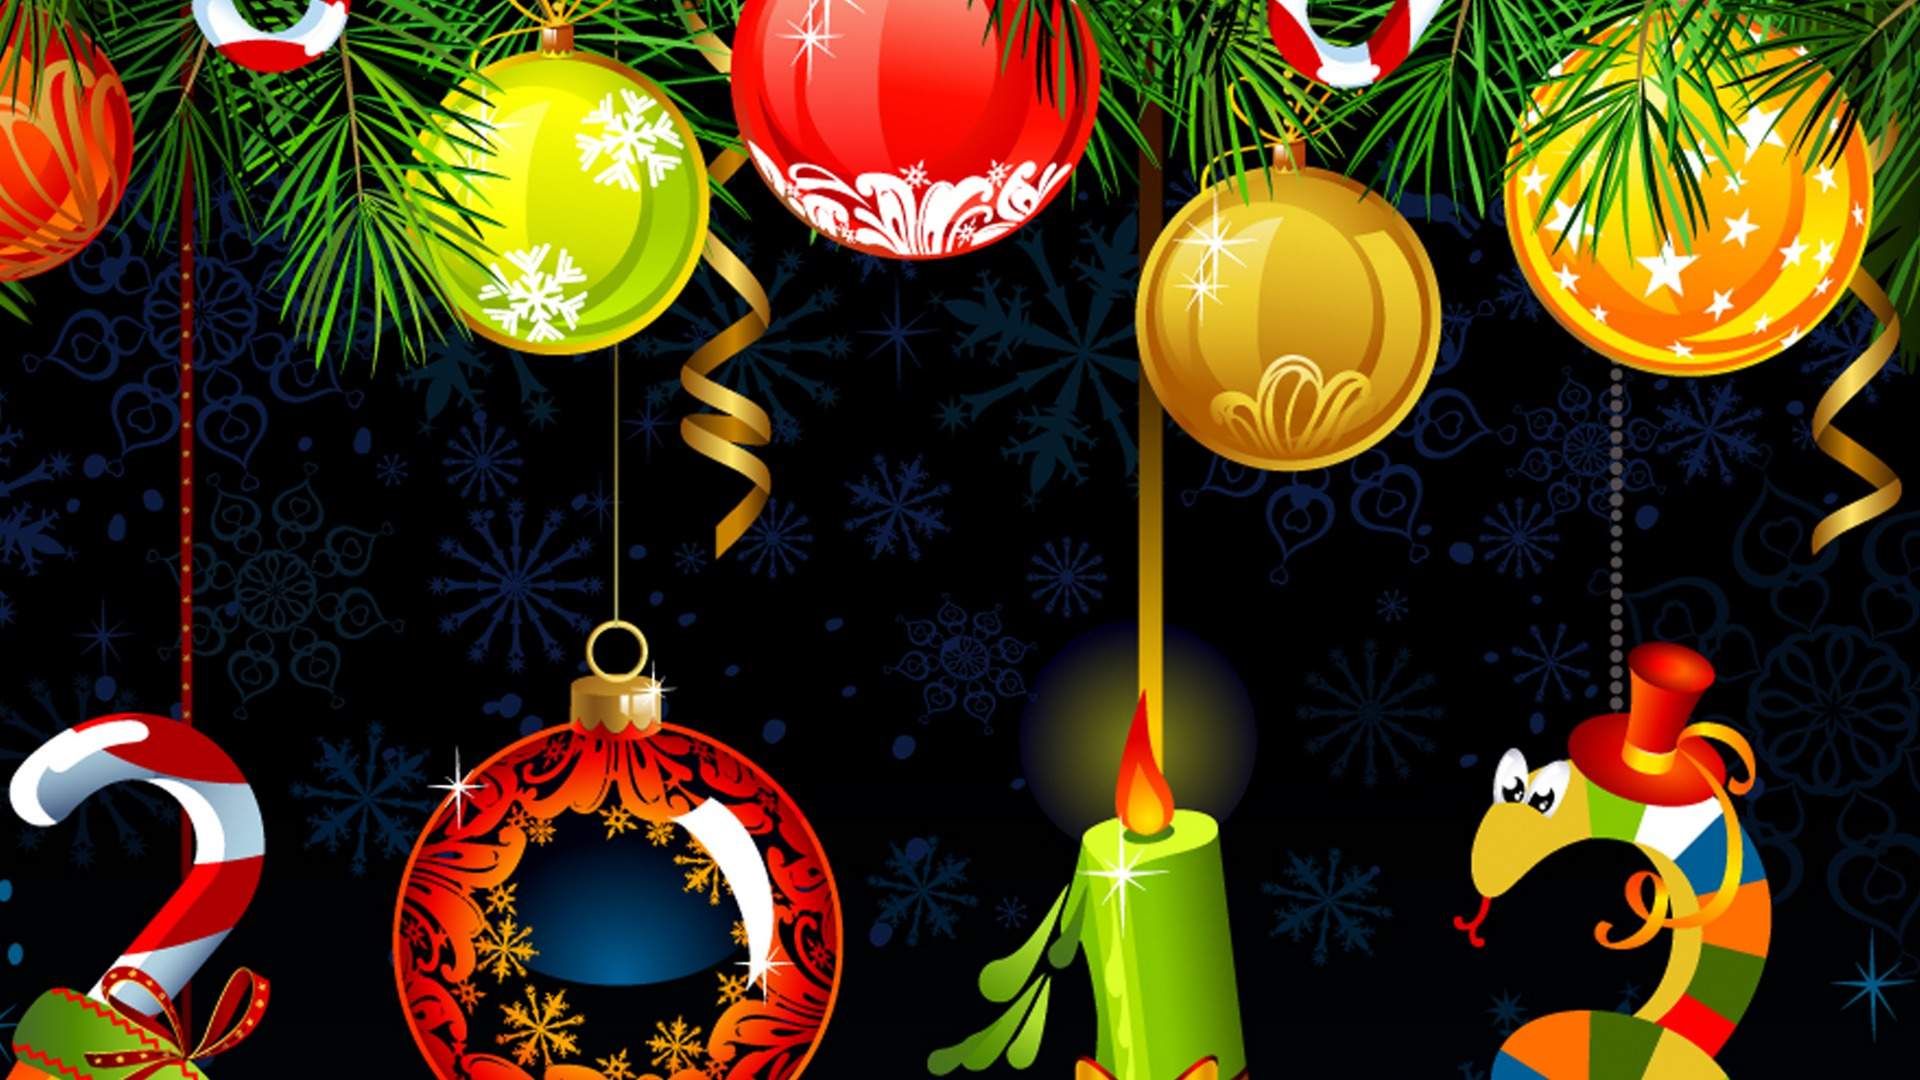 Bộ Sưu Tập Ảnh Giáng Sinh - Page 4 63821409